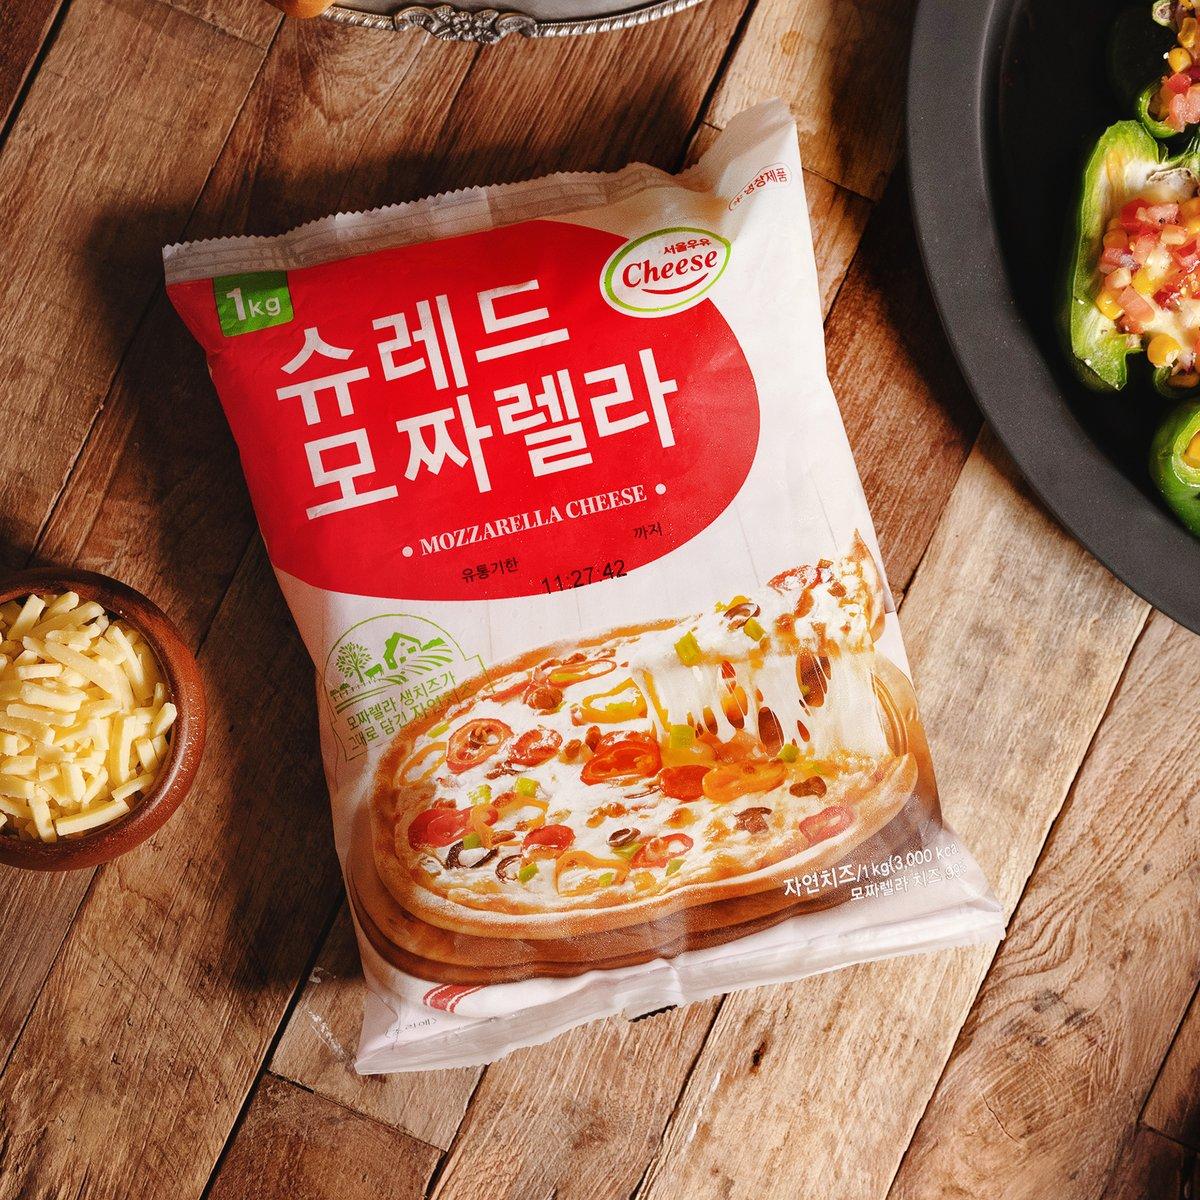 [서울우유]슈레드모짜렐라치즈1kg